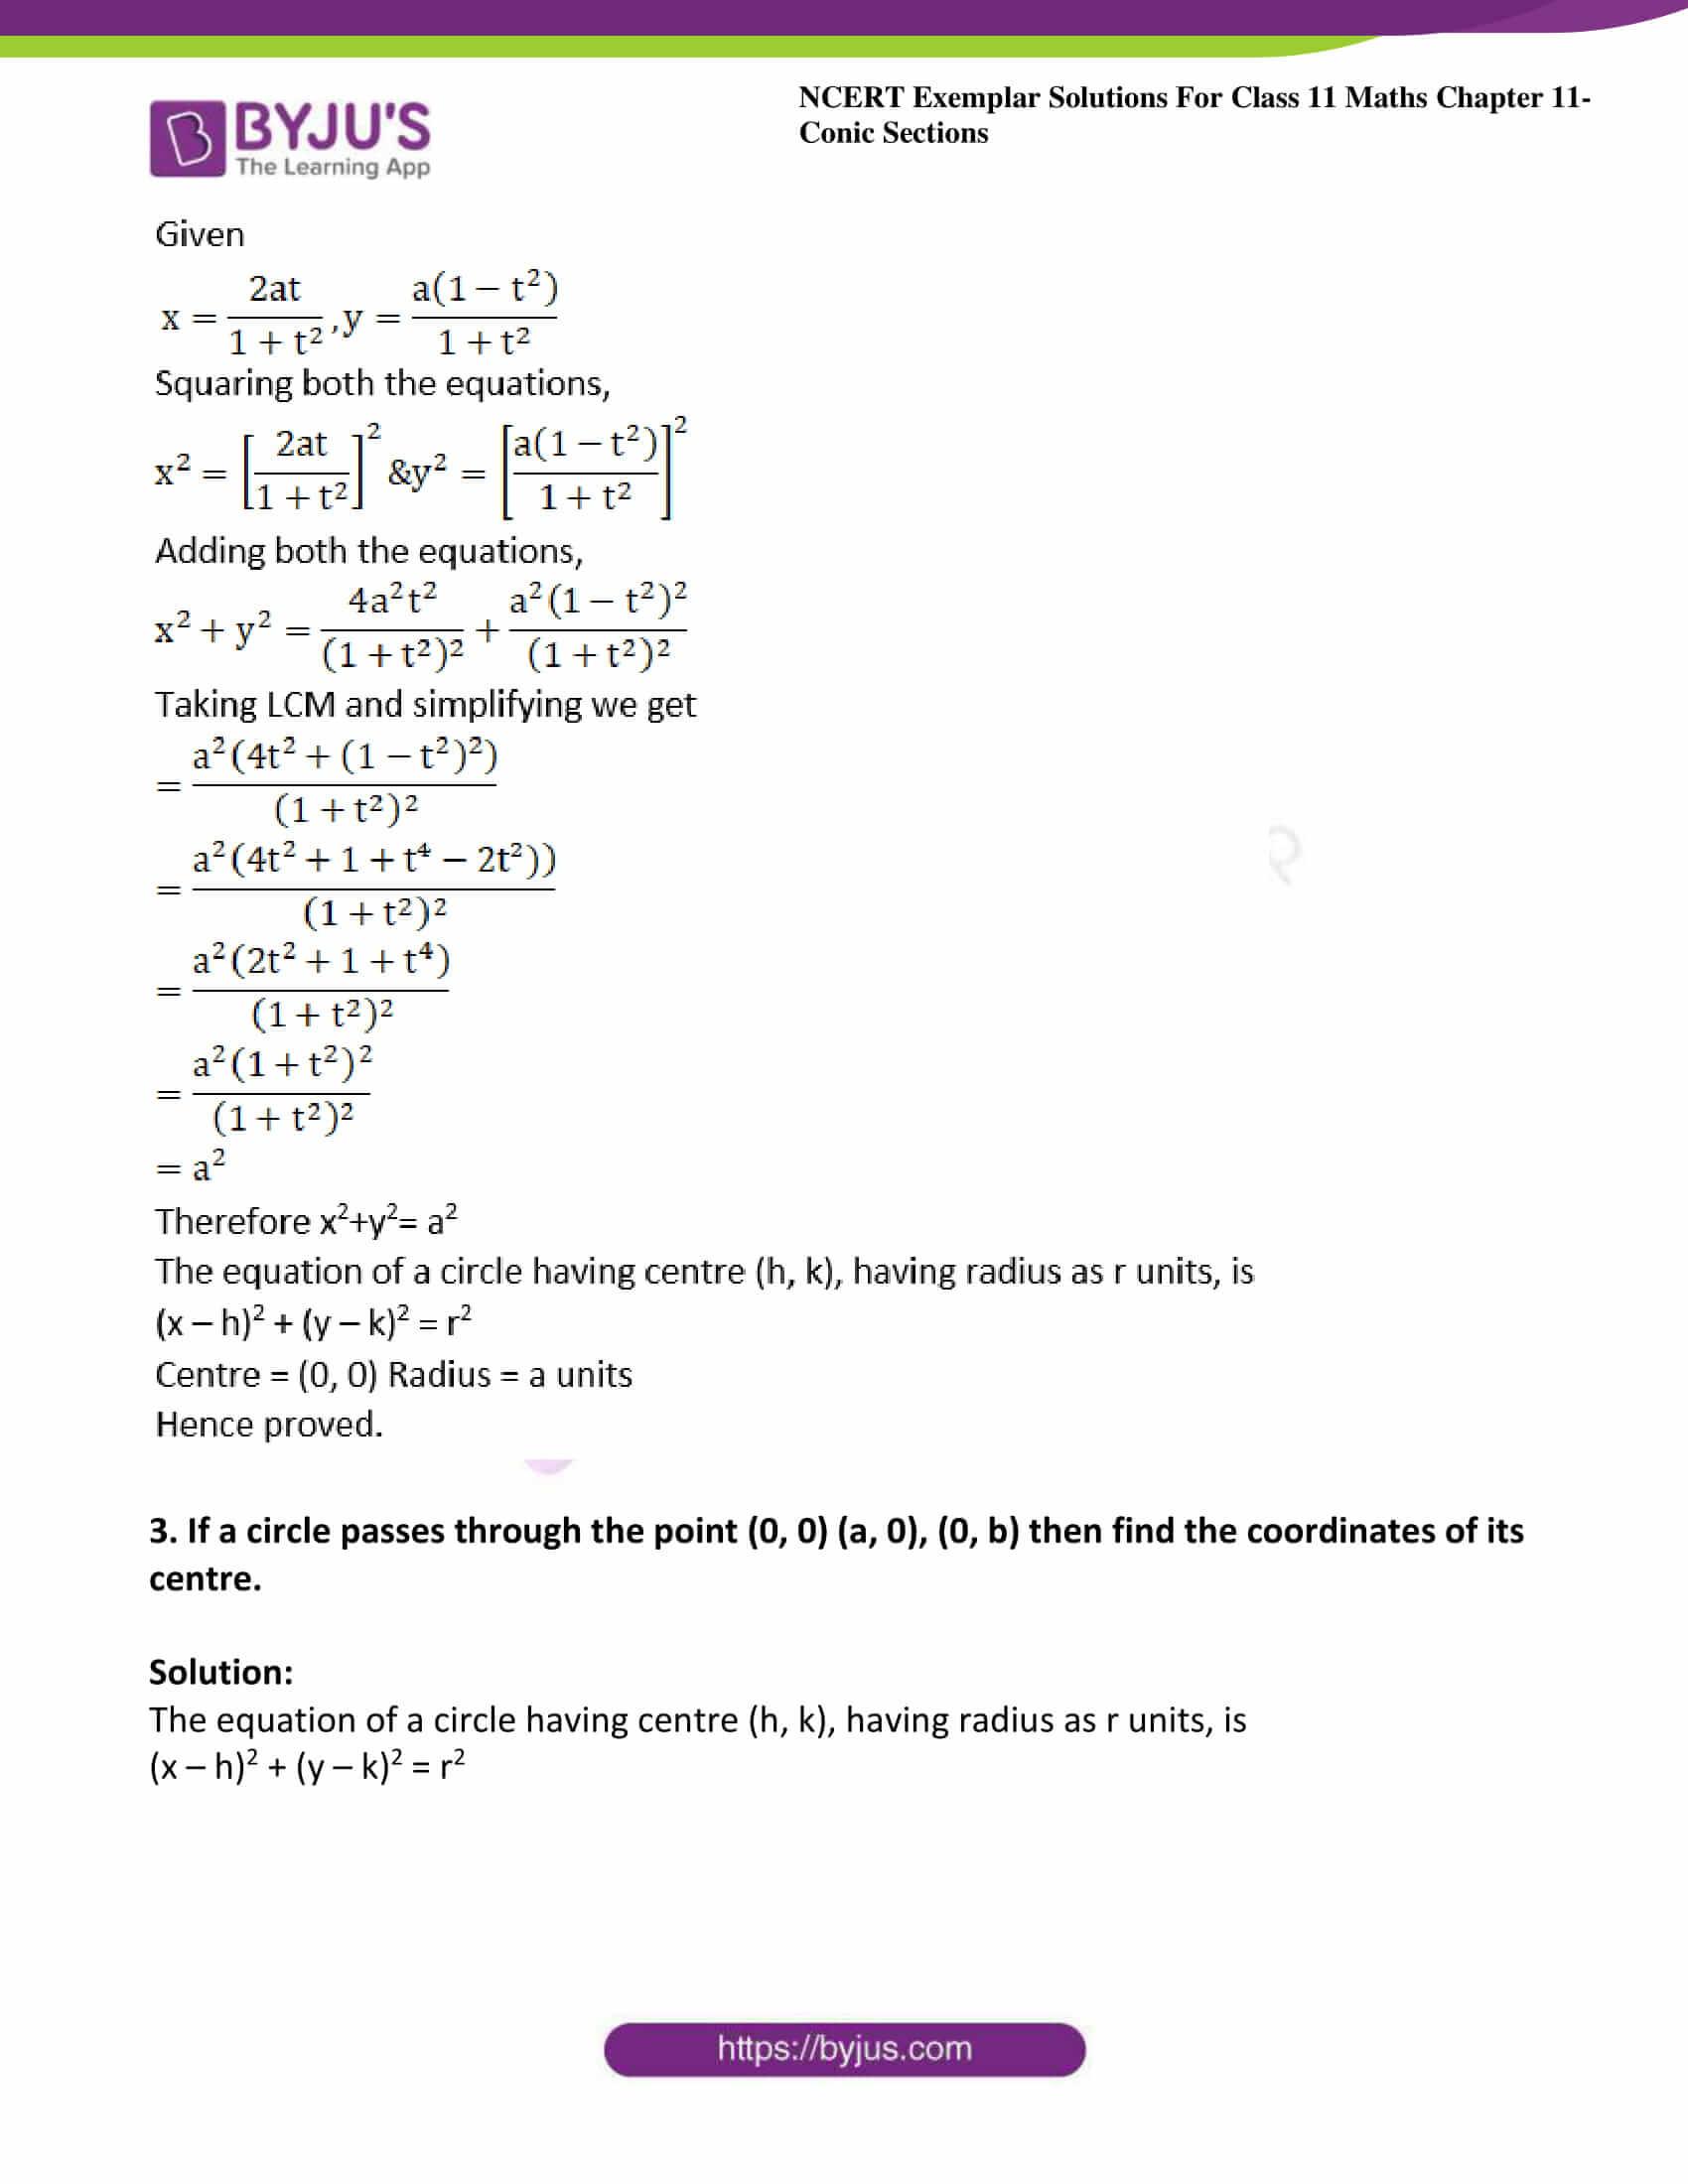 ncert exemplar sol class 11 maths chpt 11 conic 02